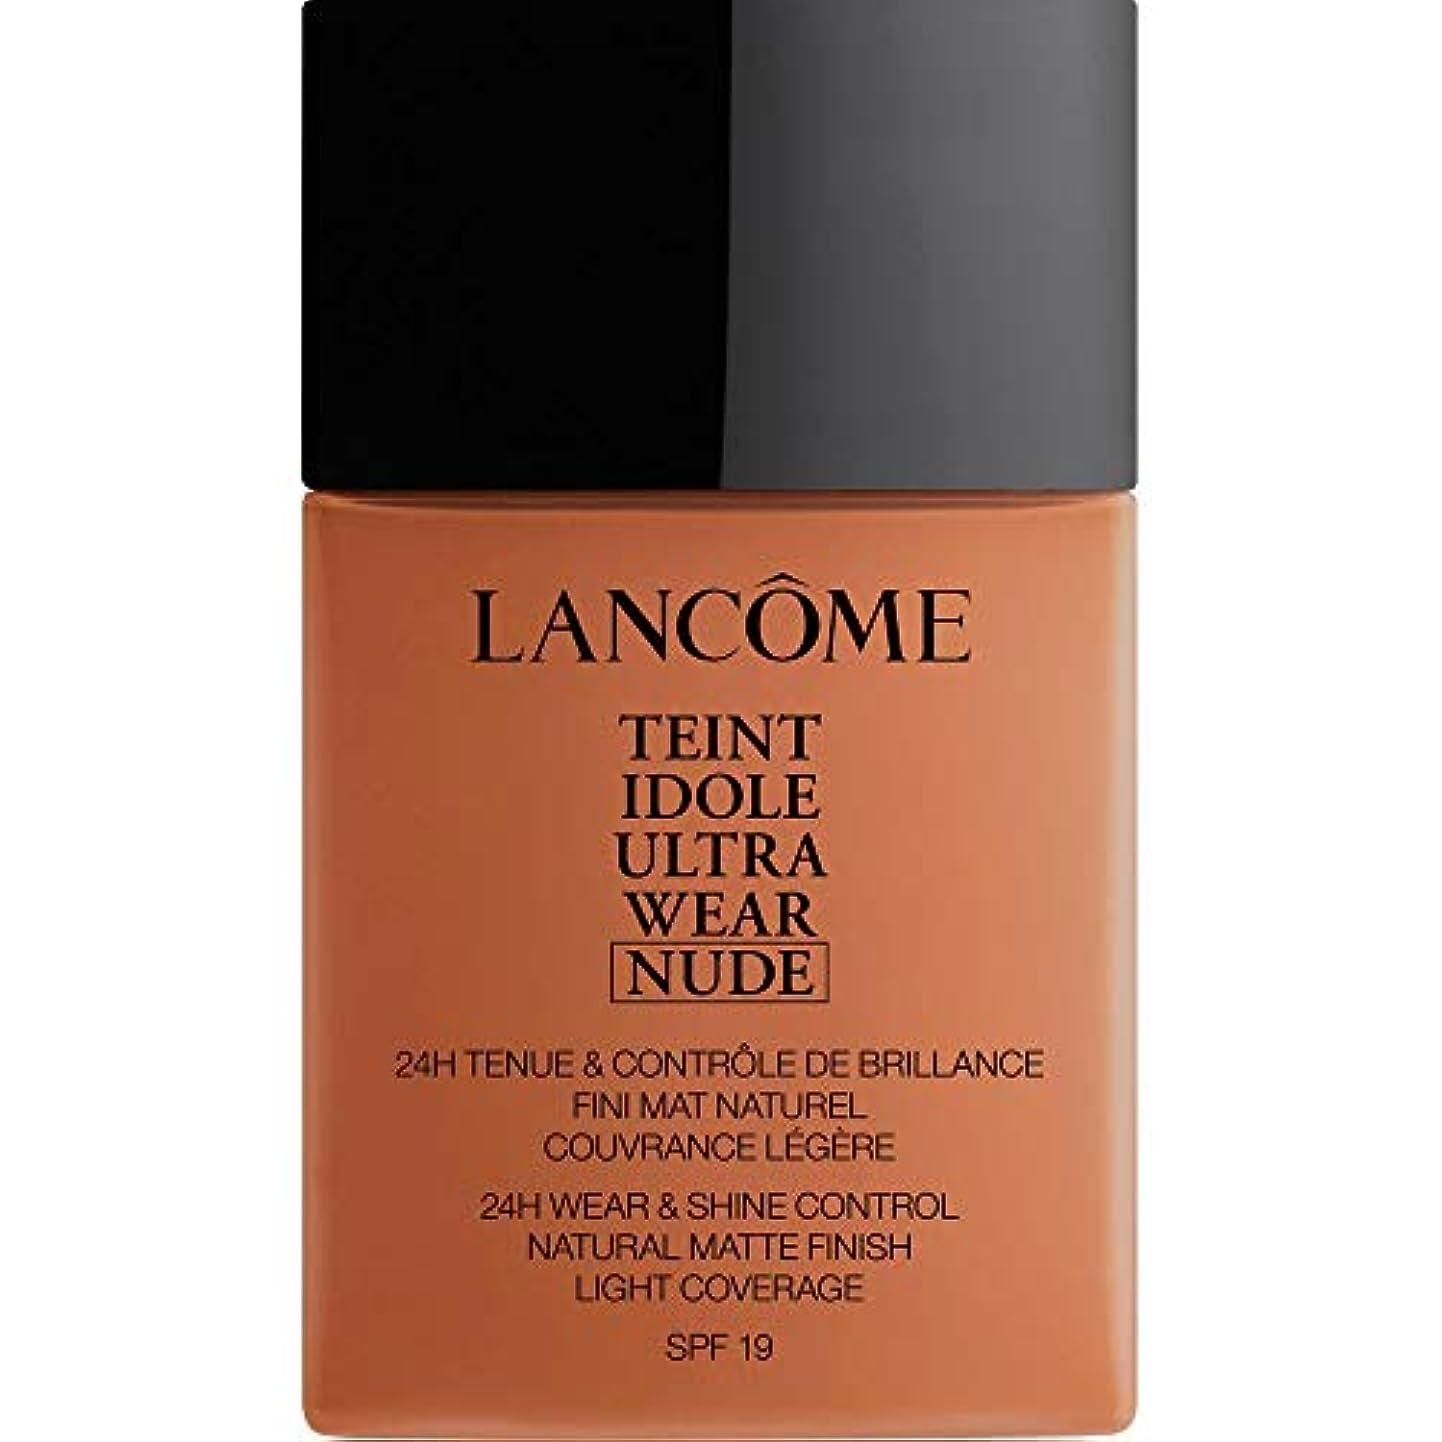 魅力プレビュー抽象化[Lanc?me ] アカジュー - ランコムTeintのIdoleは、超ヌード基礎Spf19の40ミリリットル10.1を着用します - Lancome Teint Idole Ultra Wear Nude Foundation...